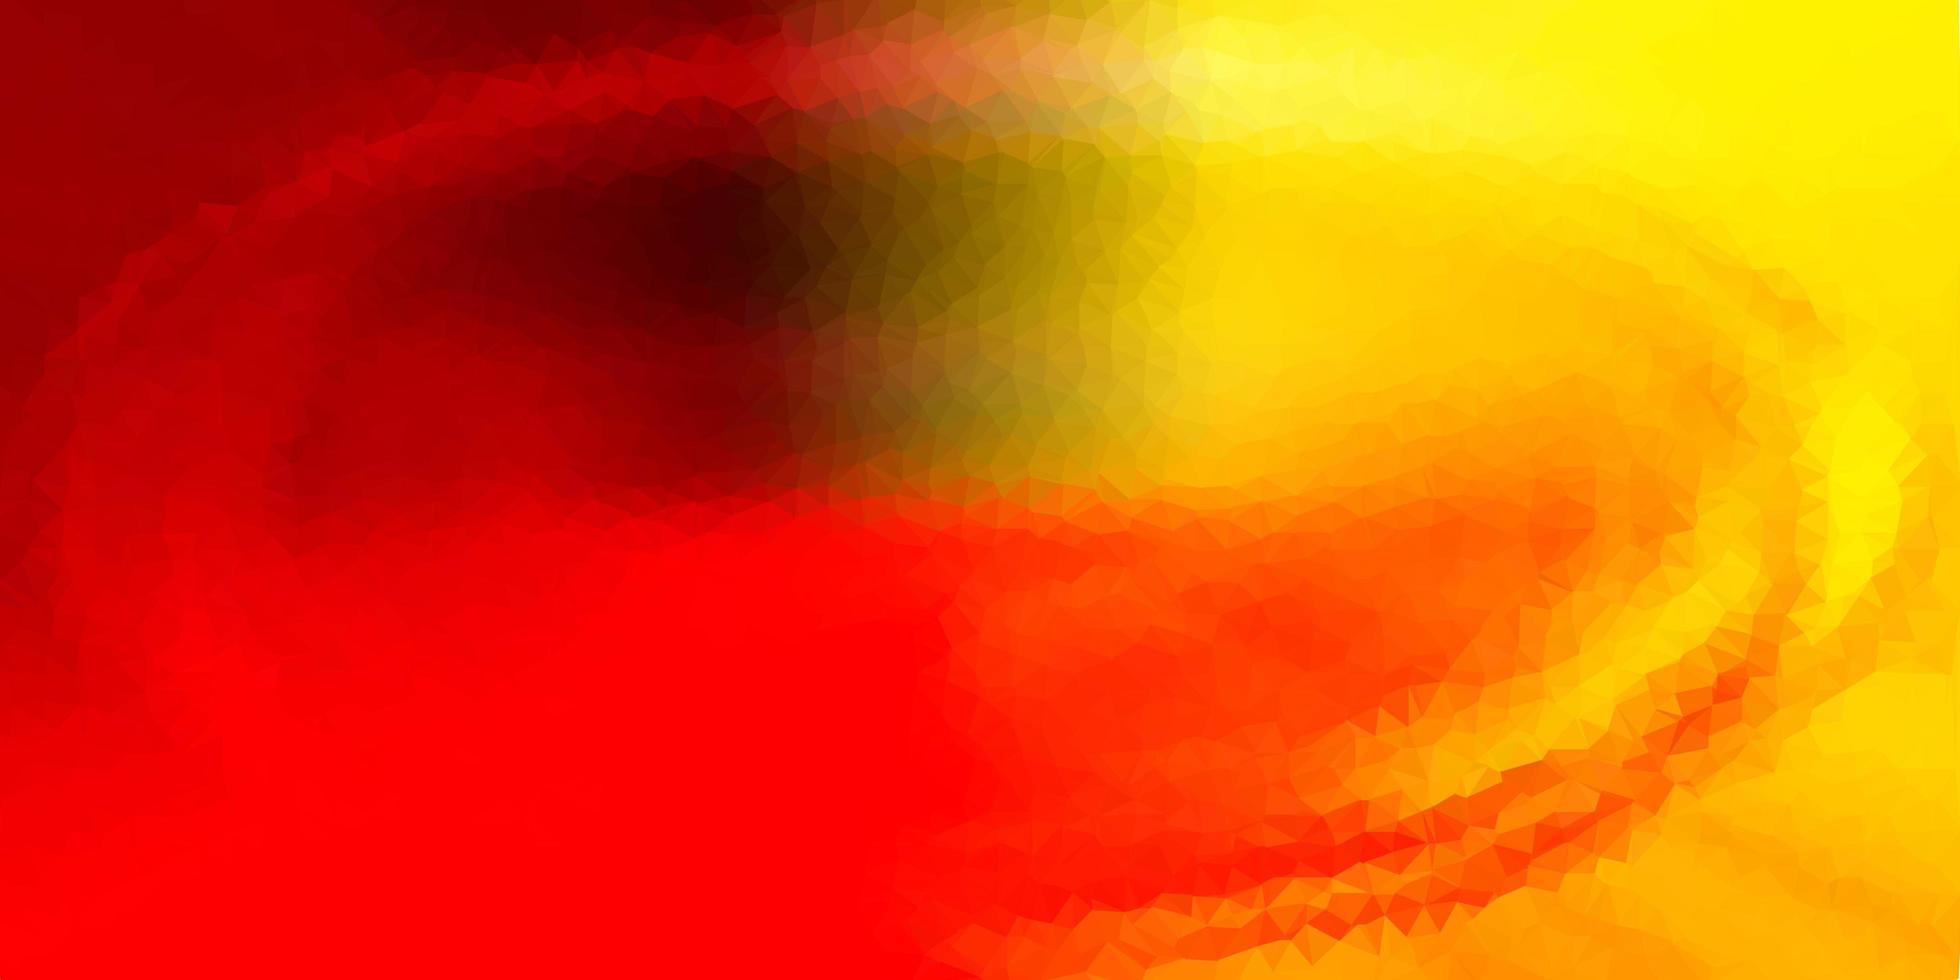 projeto do mosaico do triângulo do vetor vermelho e amarelo claro.